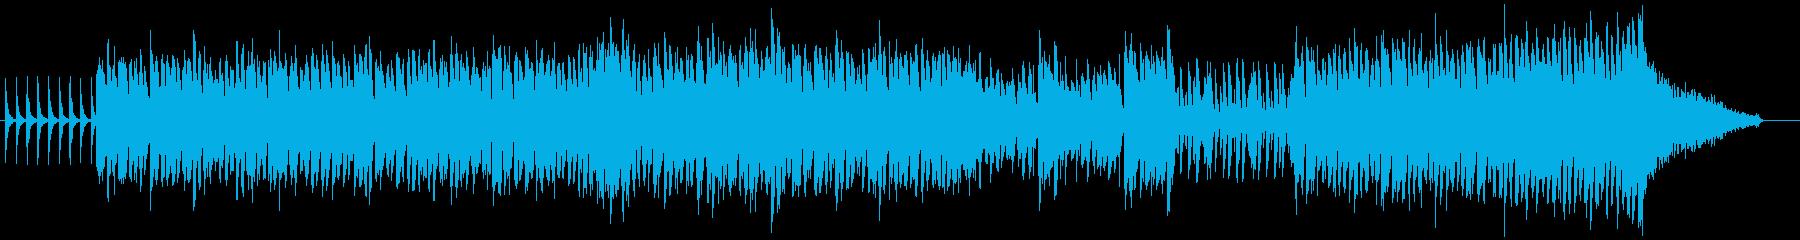 元気で楽しいオーケストラポップの再生済みの波形